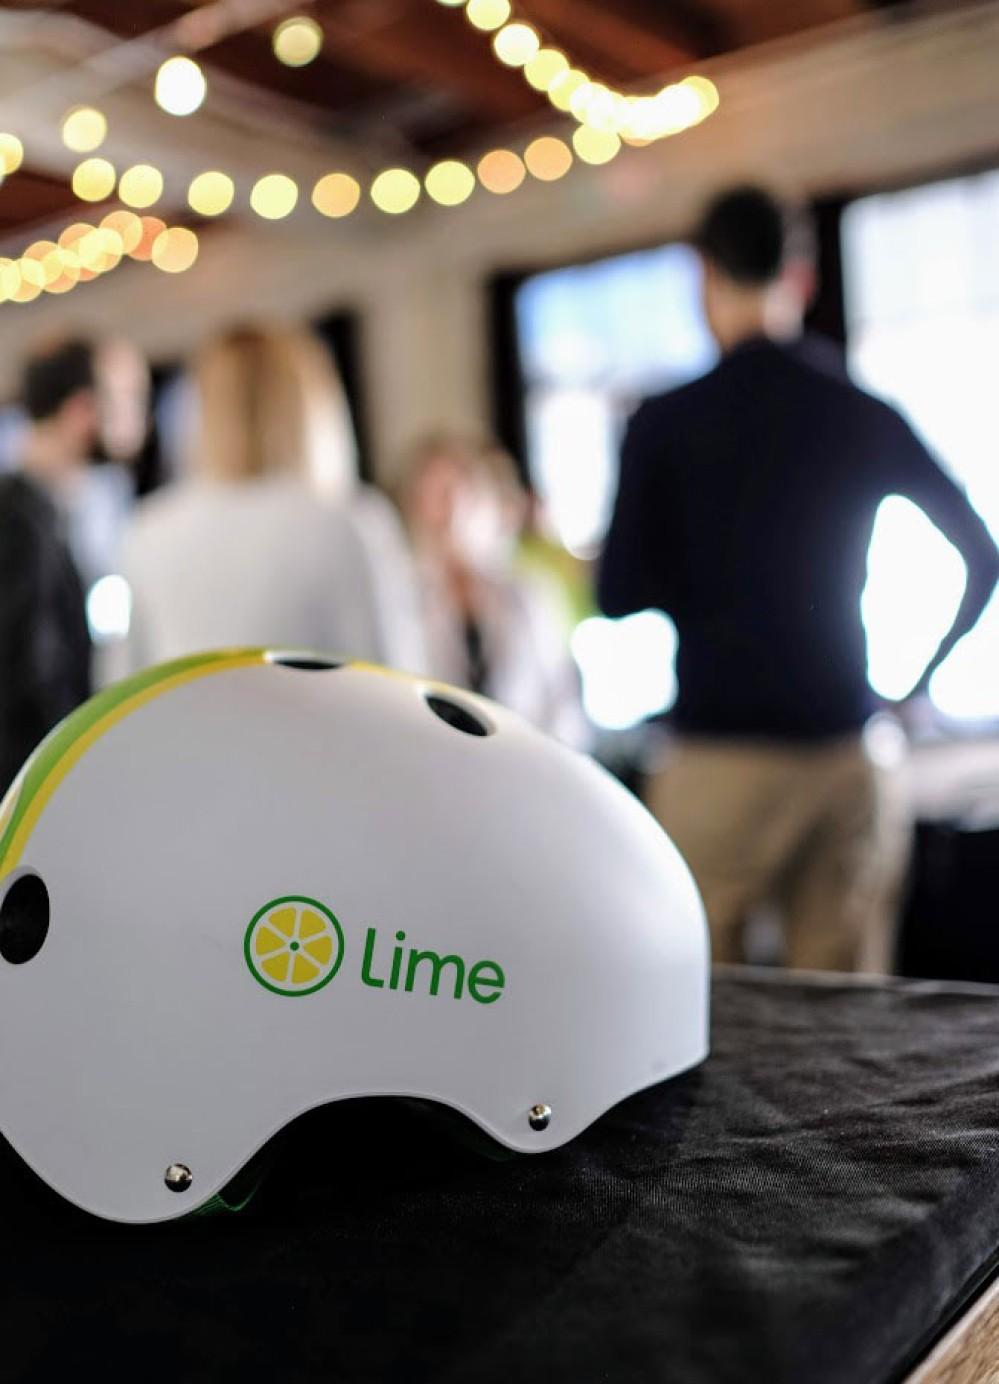 Lime: Πρώτο συνέδριο Εκπαίδευσης & Ασφάλειας για τη μικροκινητικότητα